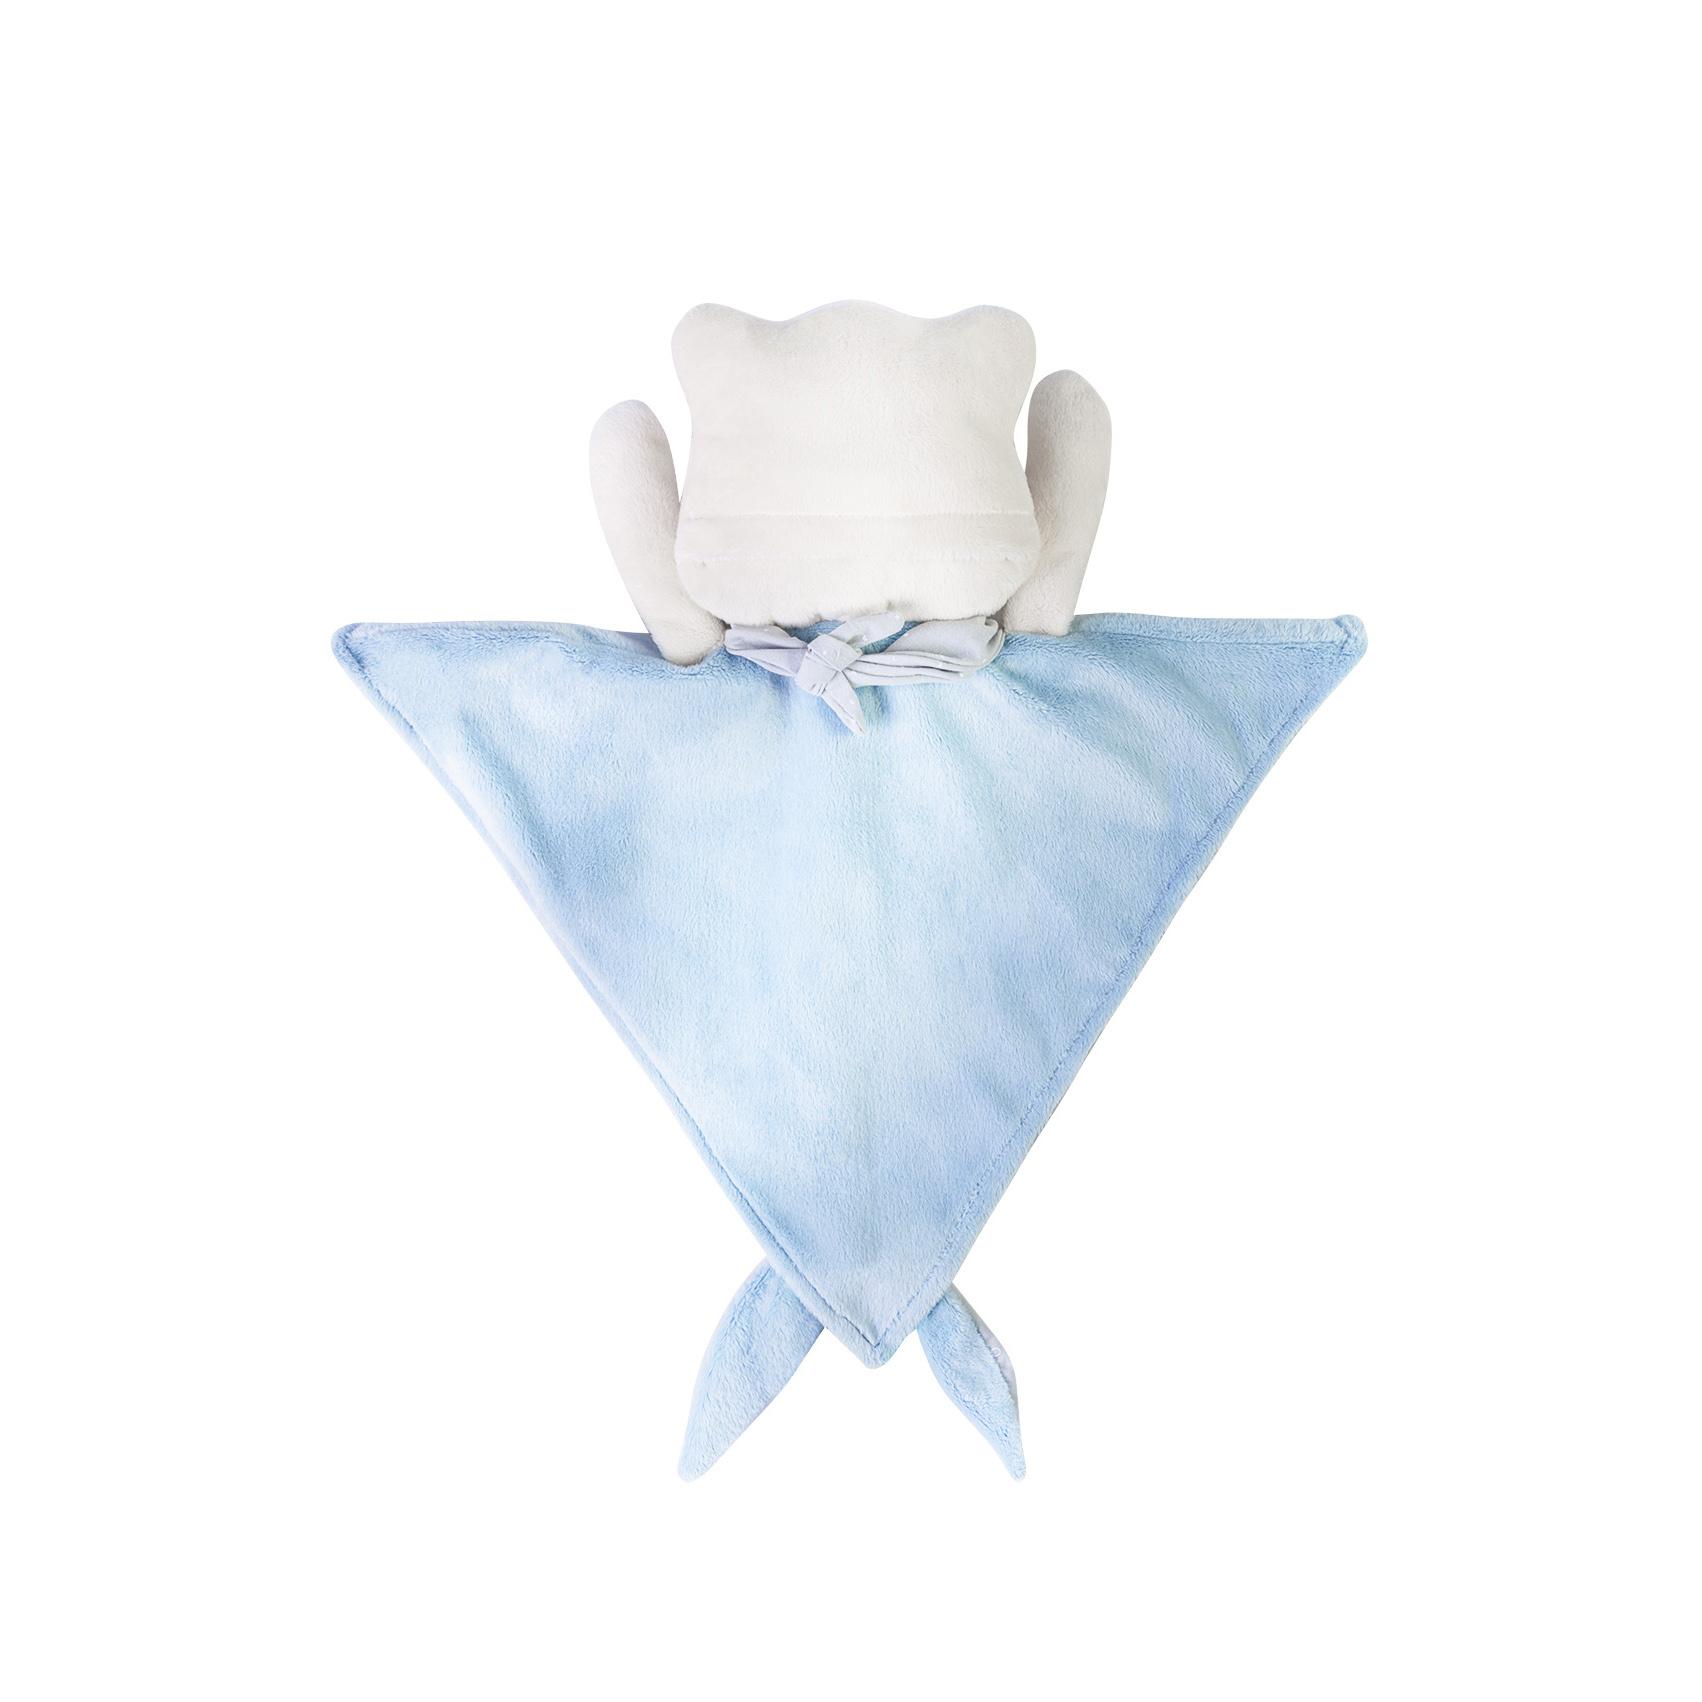 myHummy Doudou Basic - Azzurro